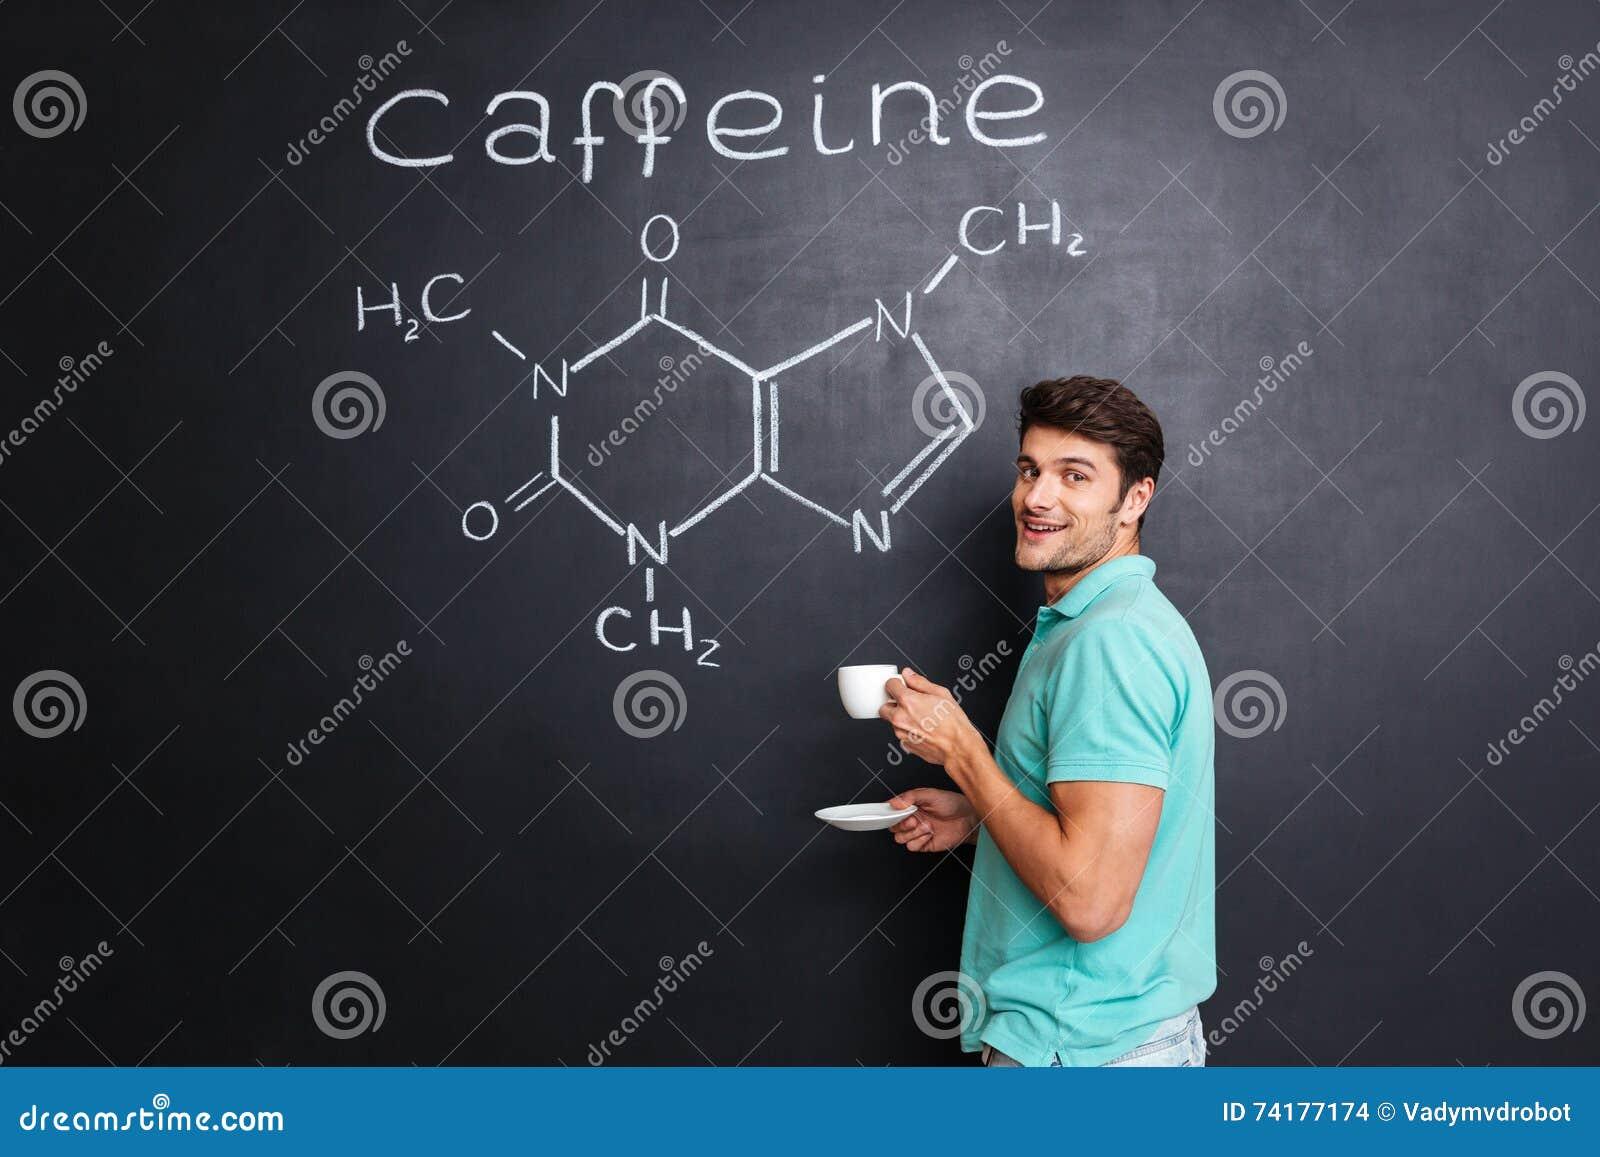 Szczęśliwy naukowiec pije kawę nad chemiczną strukturą kofeiny molekuła